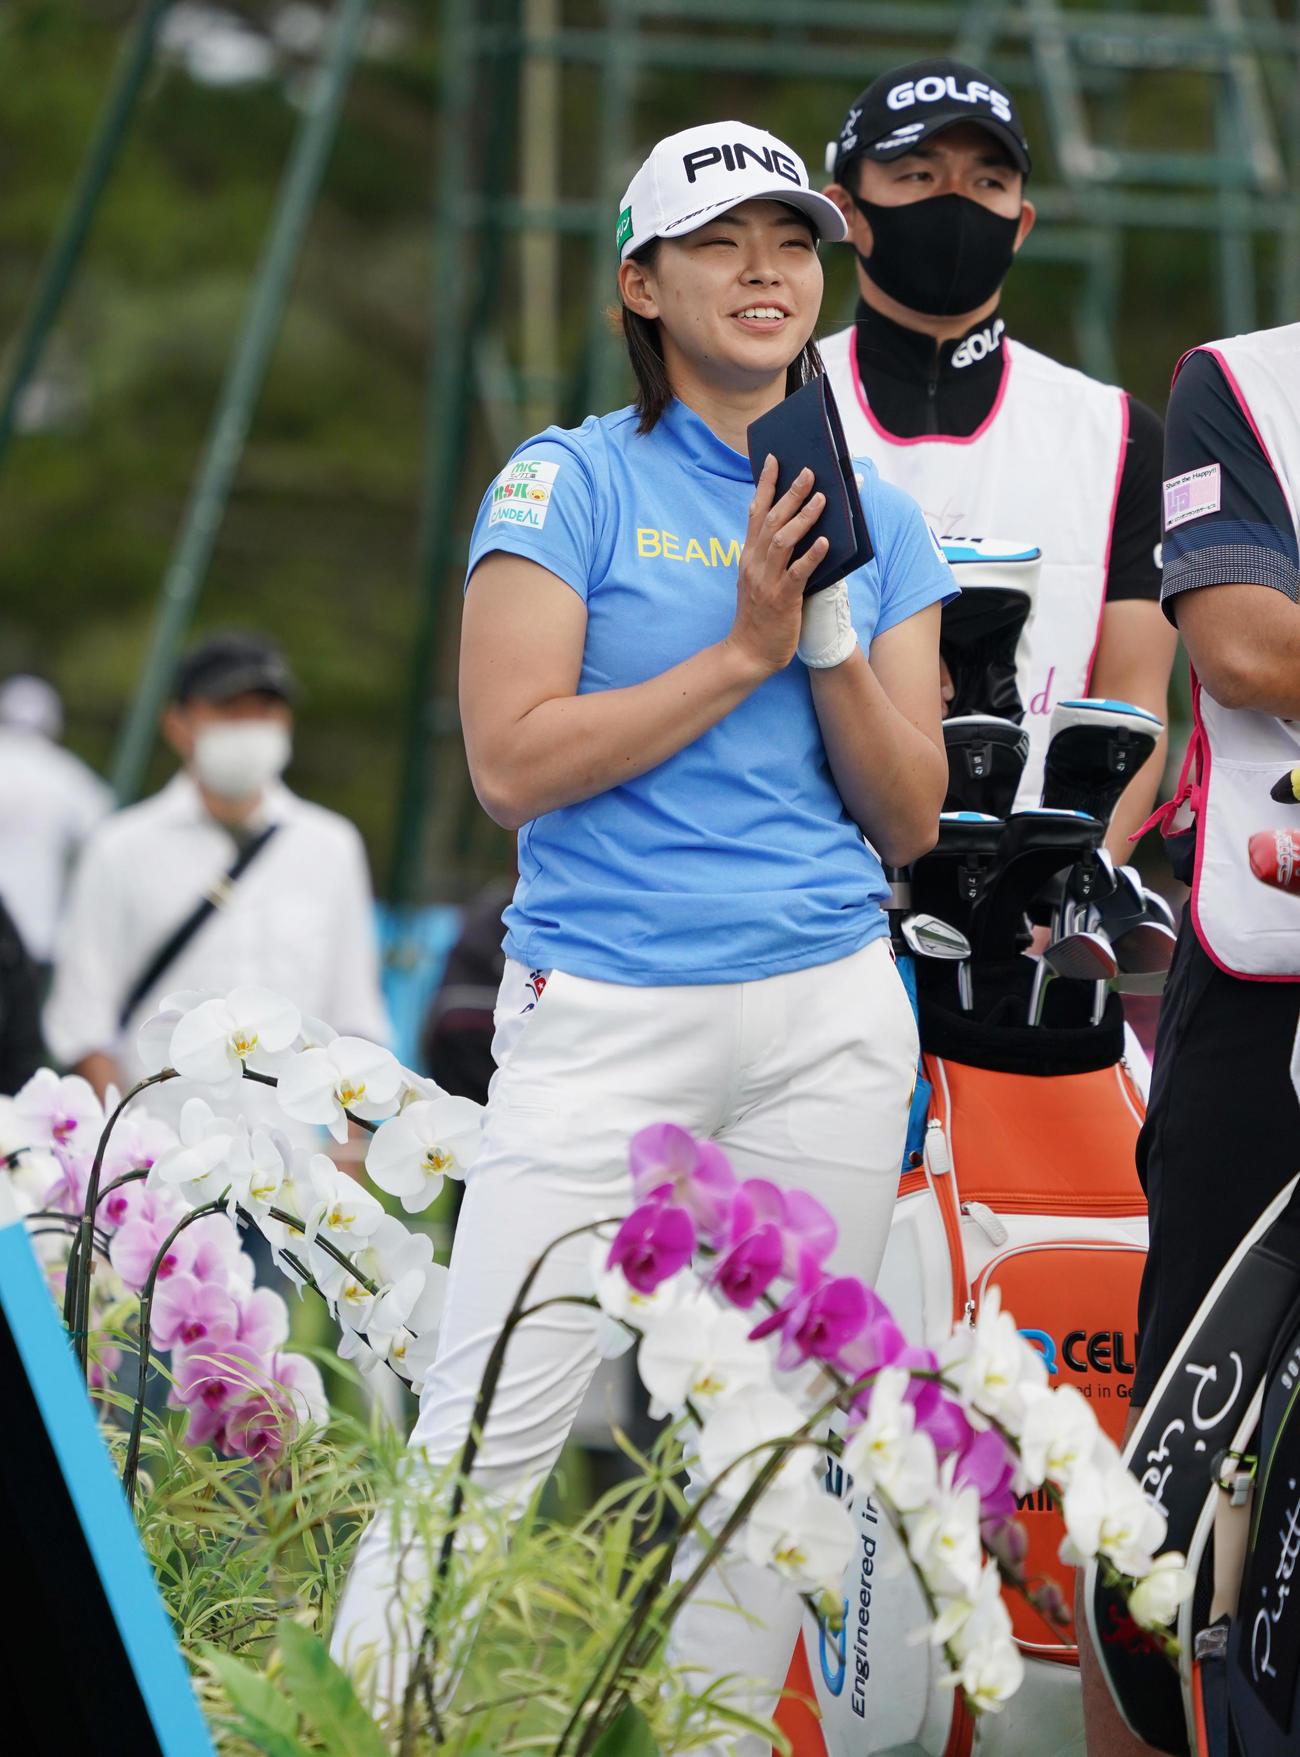 18番、ほかの選手のティーショットを見る渋野日向子(撮影・清水貴仁)